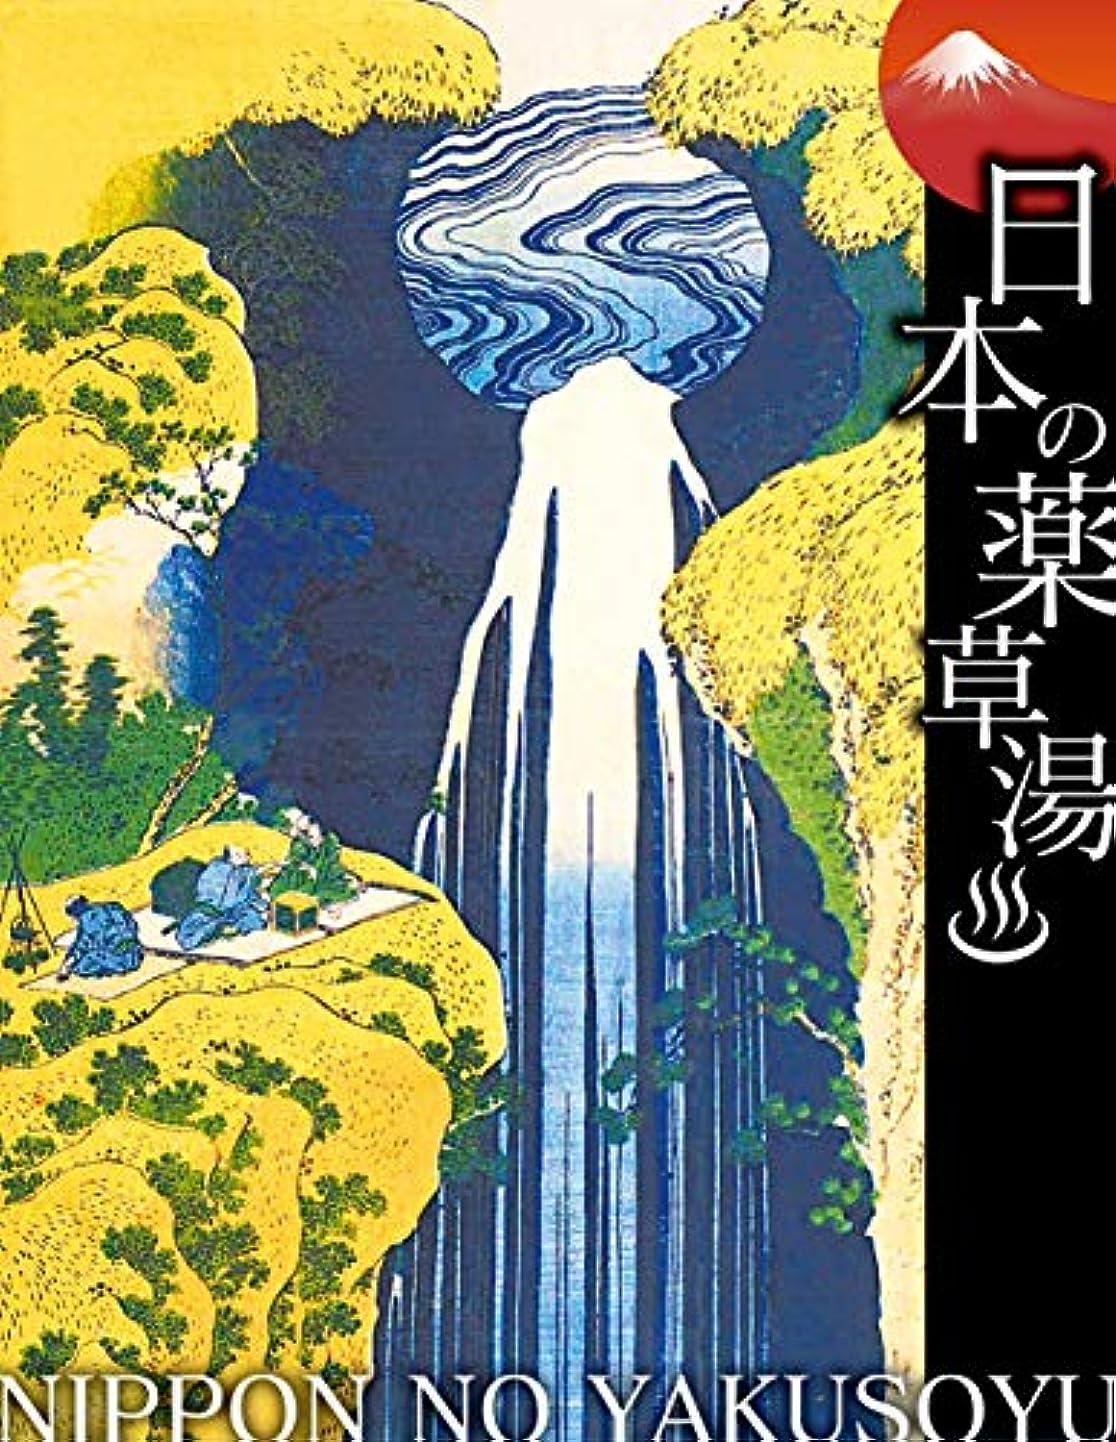 ベル基礎オフセット日本の薬草湯 木曽路ノ奥阿弥陀ヶ瀧(諸国瀧廻り)